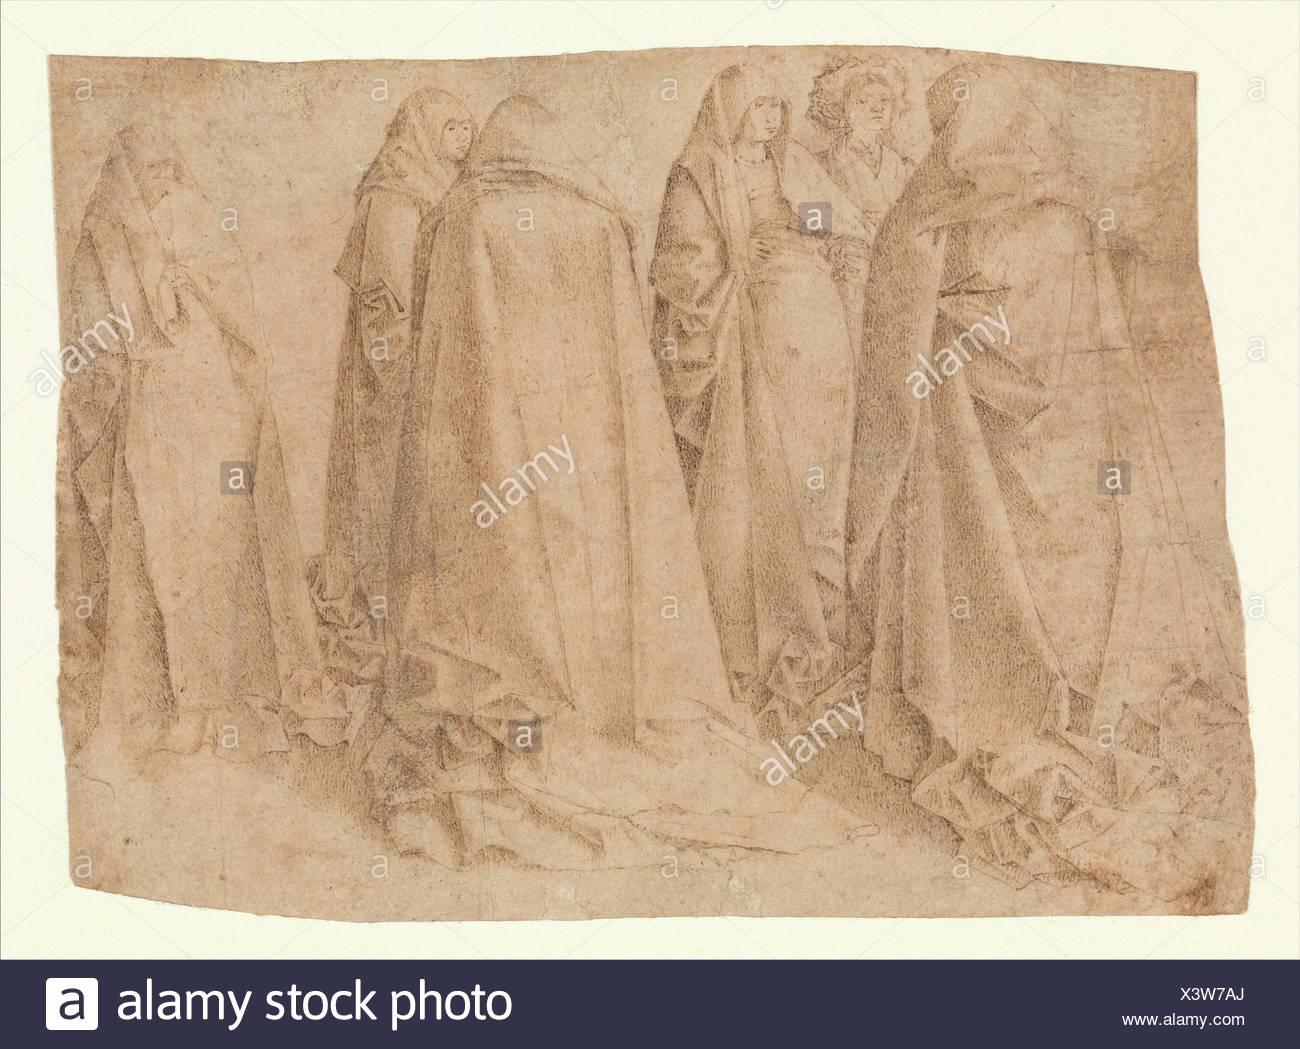 Group of Draped Figures. Artist: Attributed to Antonello da Messina (Antonello di Giovanni d'Antonio) (Italian, Messina ca. 1430-1479 Messina); Date: - Stock Image